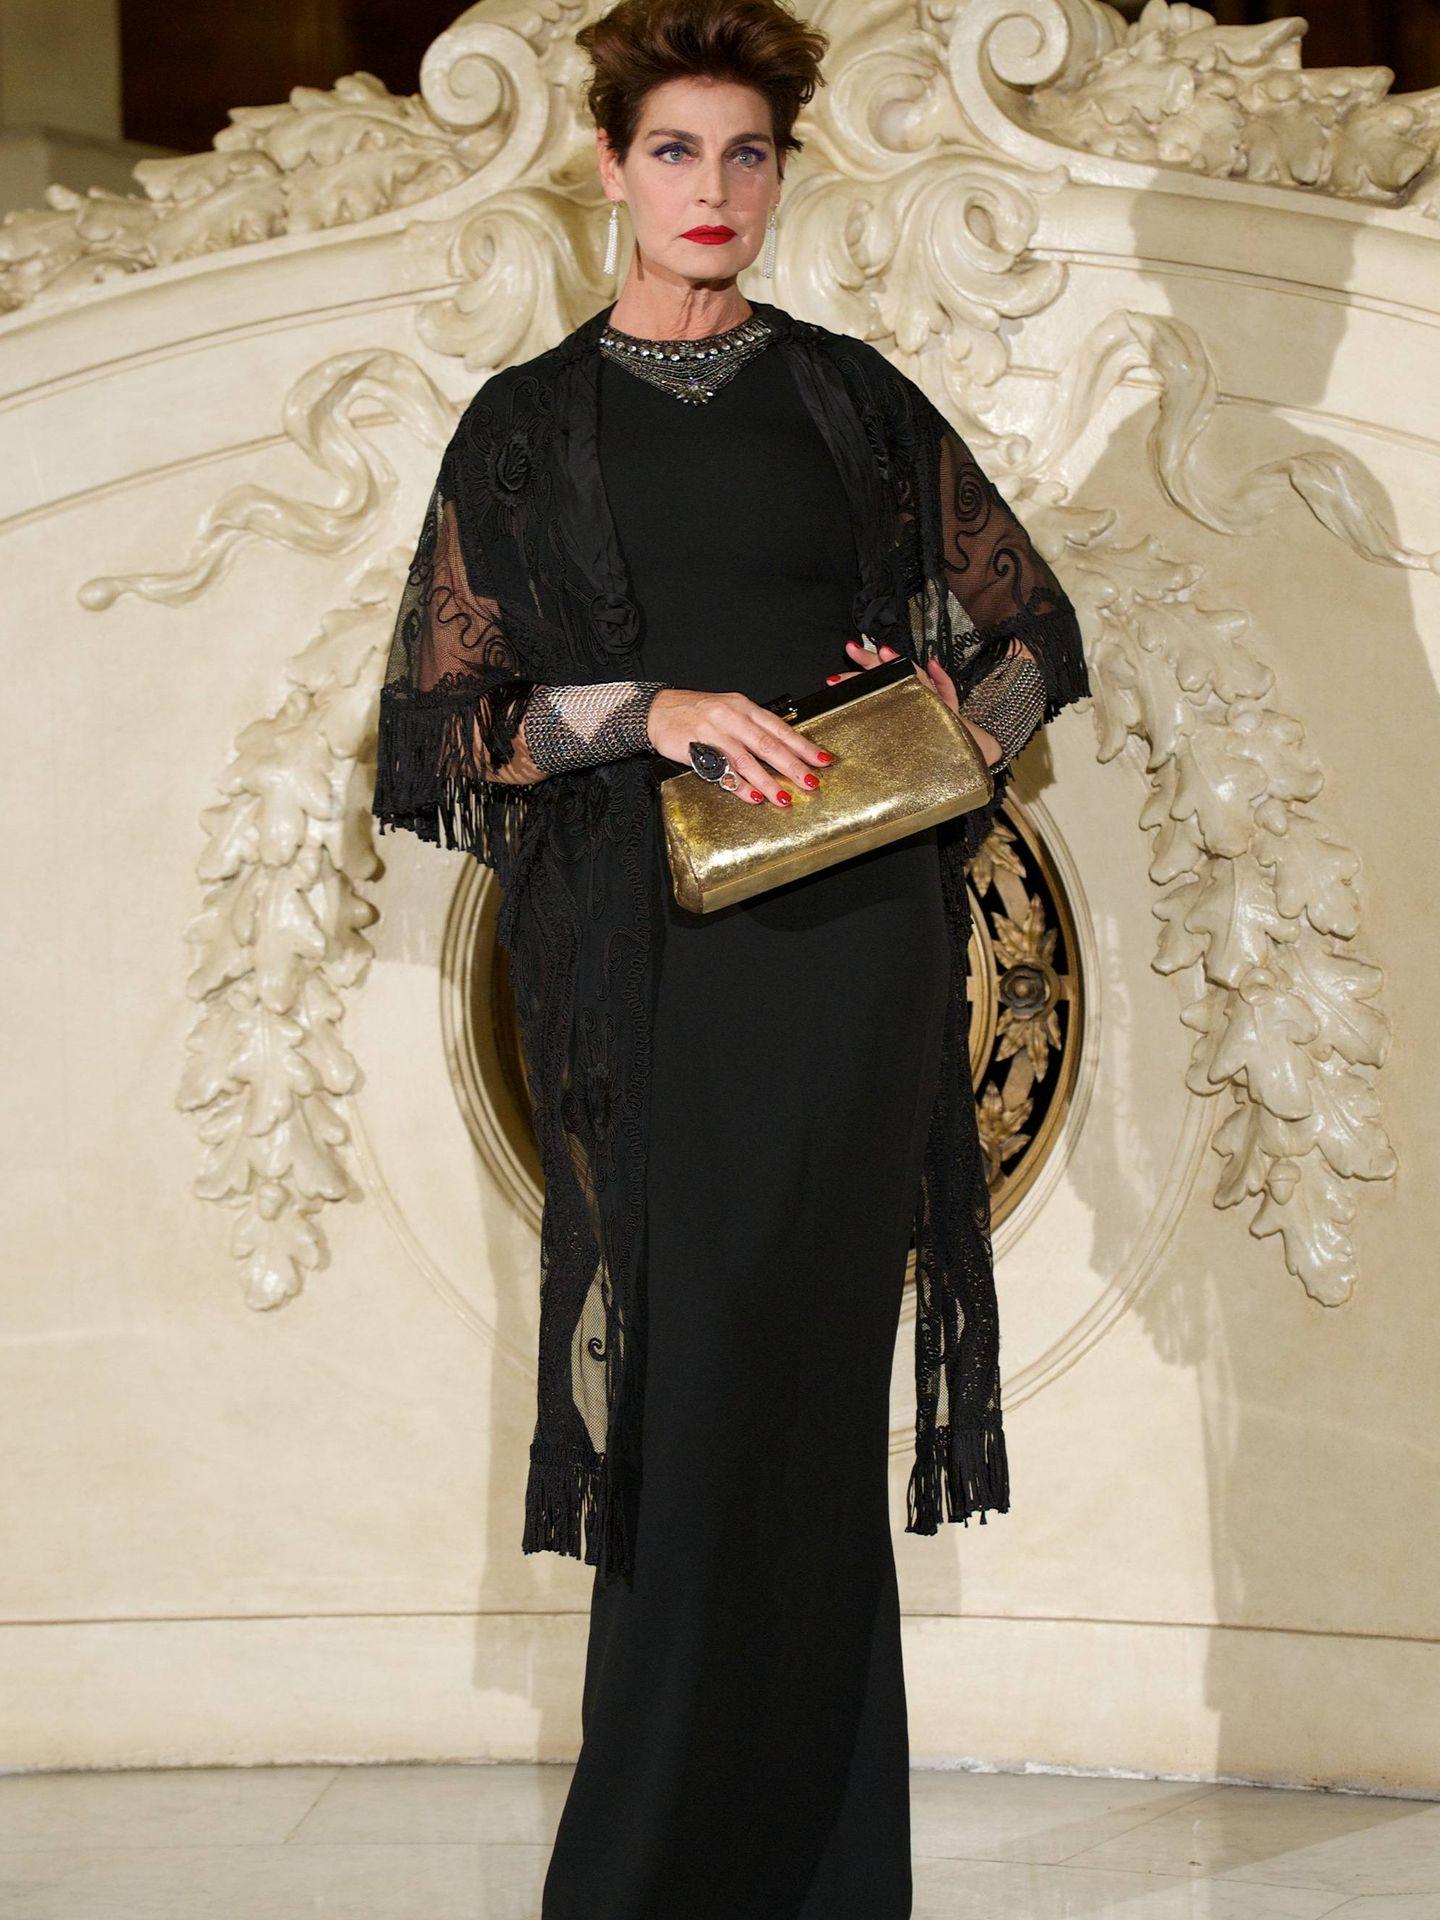 Antonia, siempre elegante. (Getty)